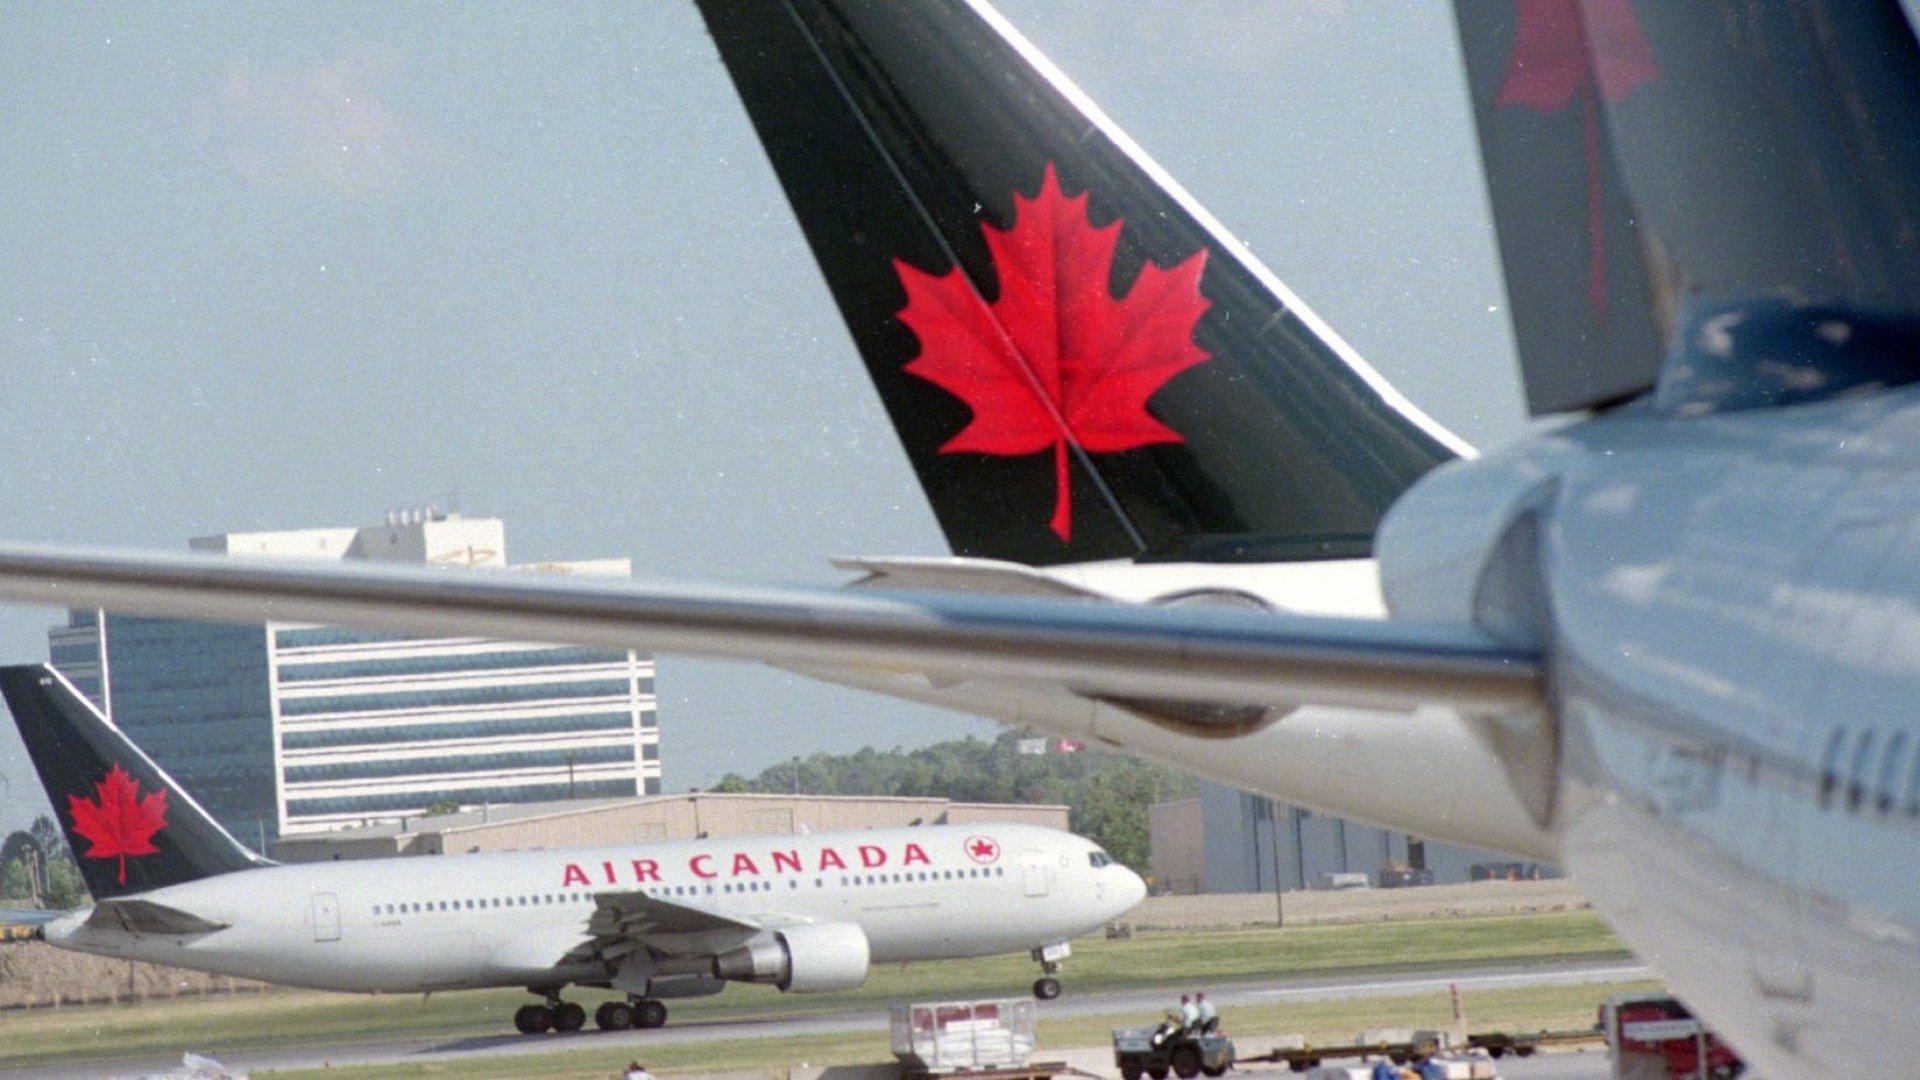 Hot air Canada?